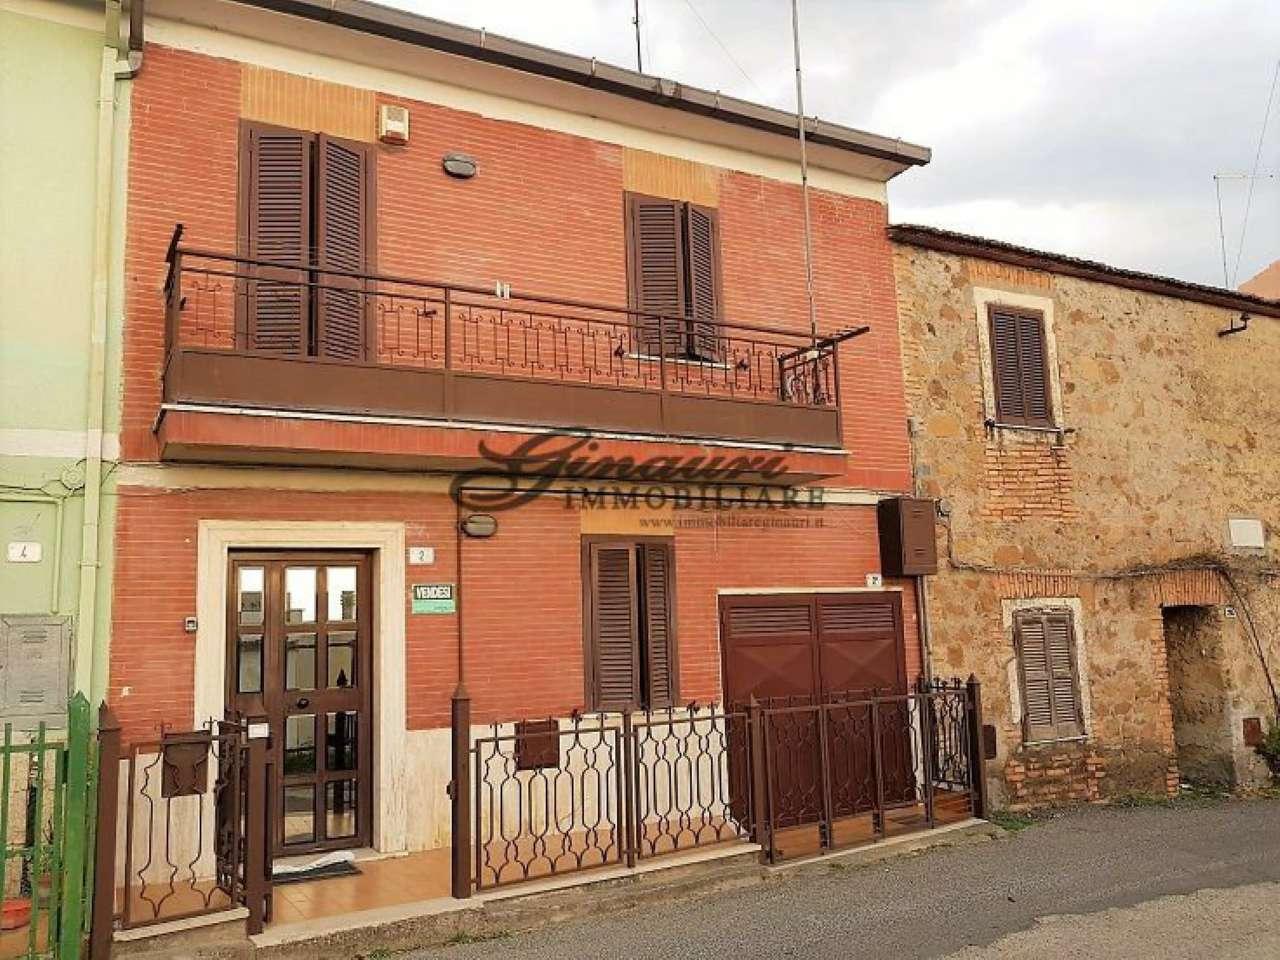 Appartamento in vendita a Montelibretti, 4 locali, prezzo € 84.000 | CambioCasa.it